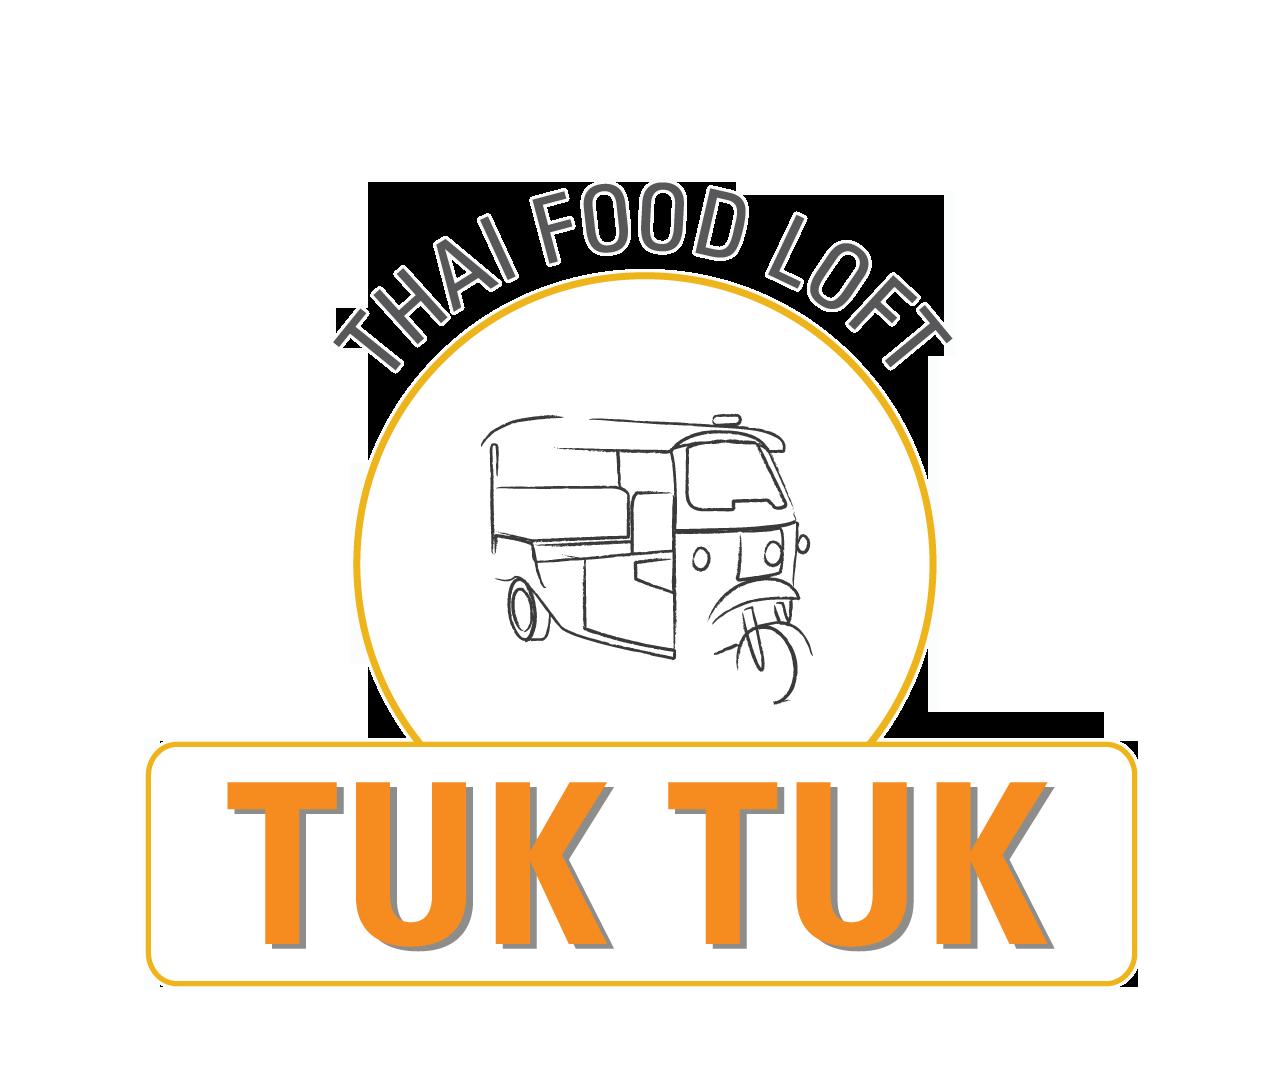 Thai Food Loft Thai Recipes Restaurant Guide Thai